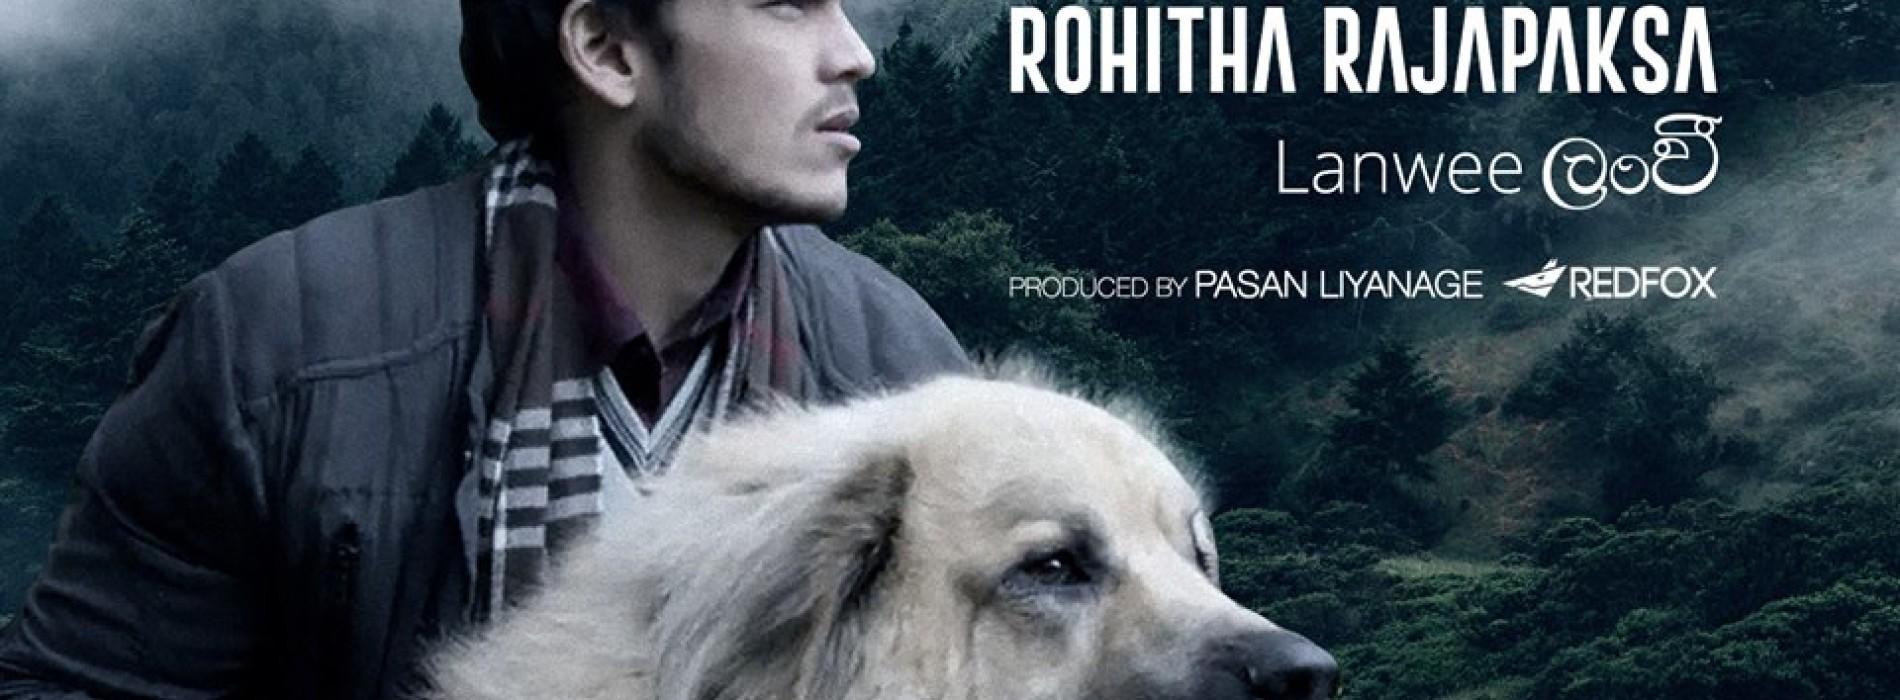 Rohitha Rajapaksa – Lanwee (Prod. by Pasan Liyanage)